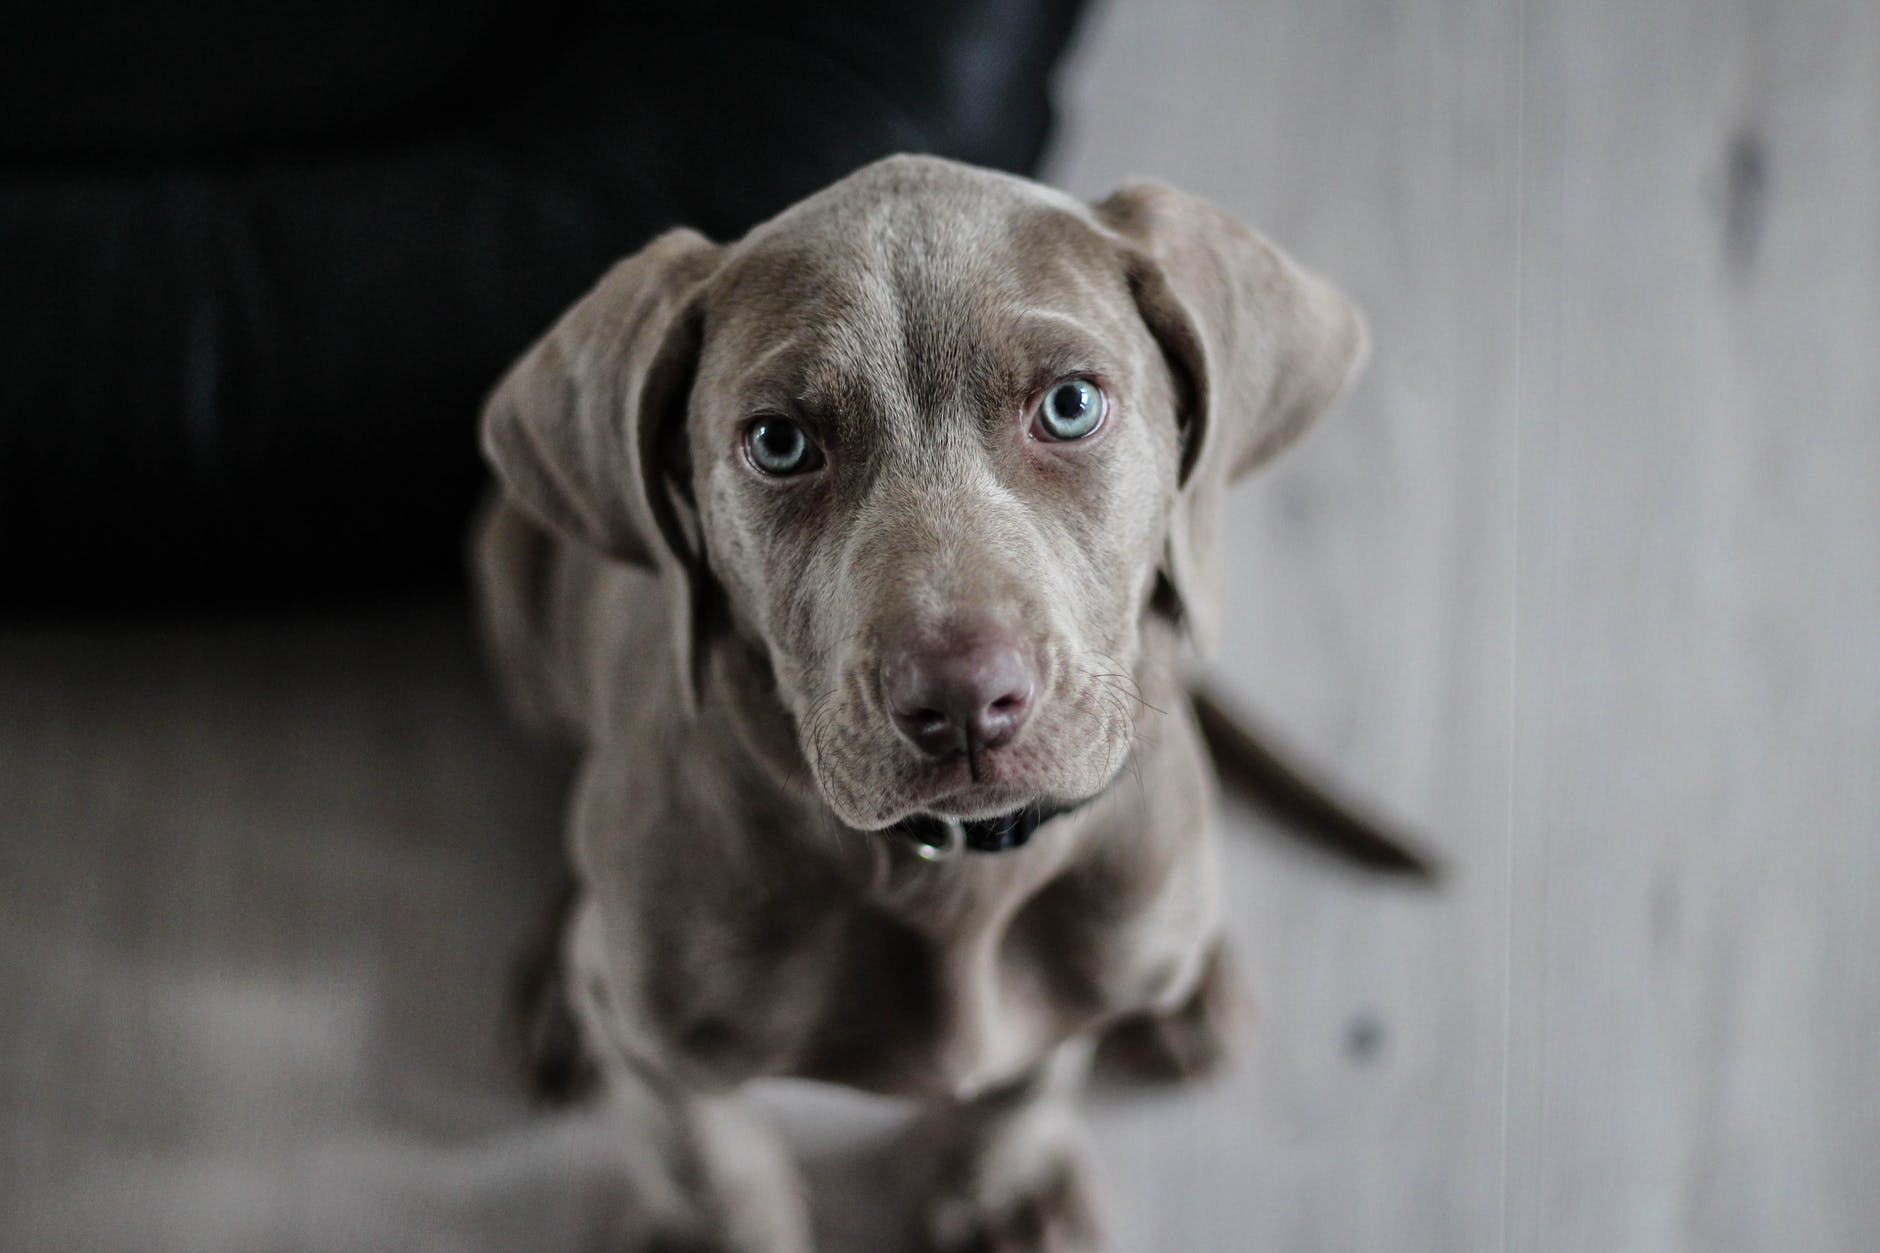 weimaraner-puppy-dog-snout-97082.jpeg?auto=compress&cs=tinysrgb&dpr=2&h=650&w=940